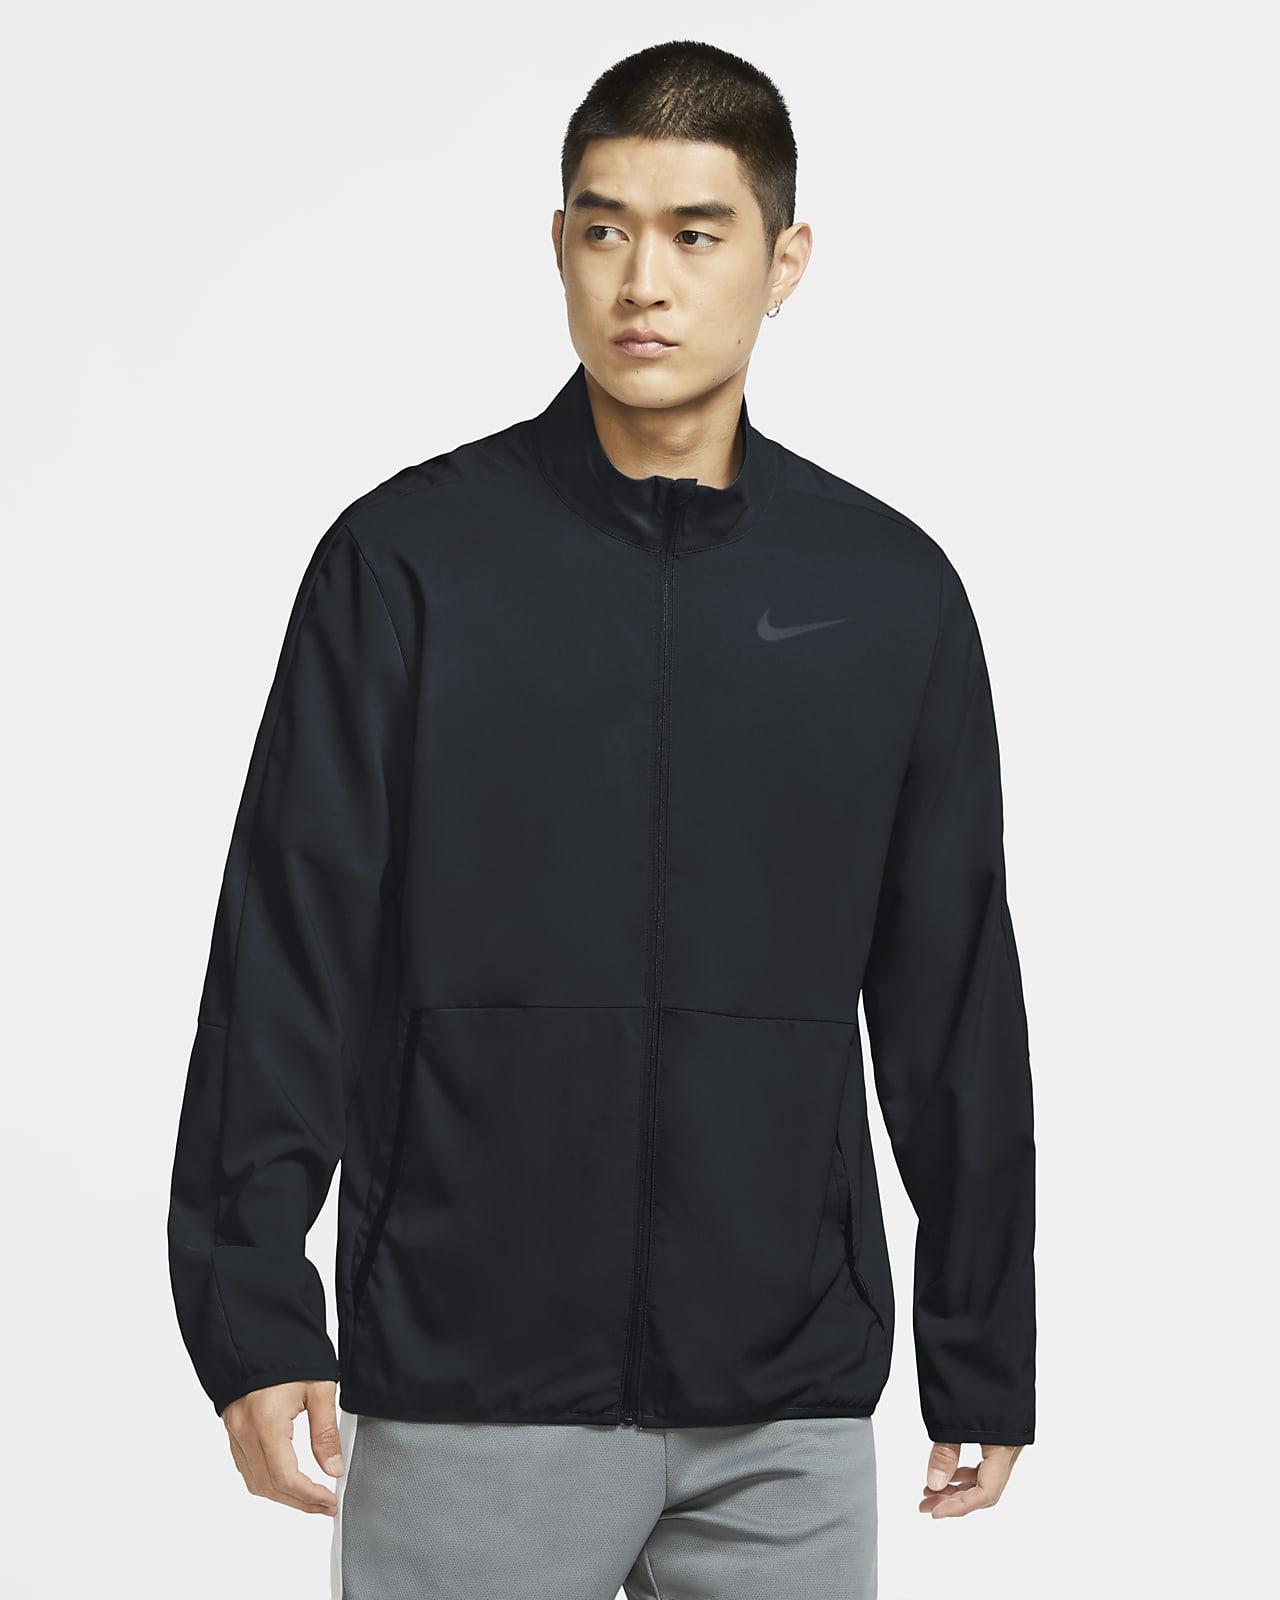 Träningsjacka Nike Dri-FIT i vävt tyg för män